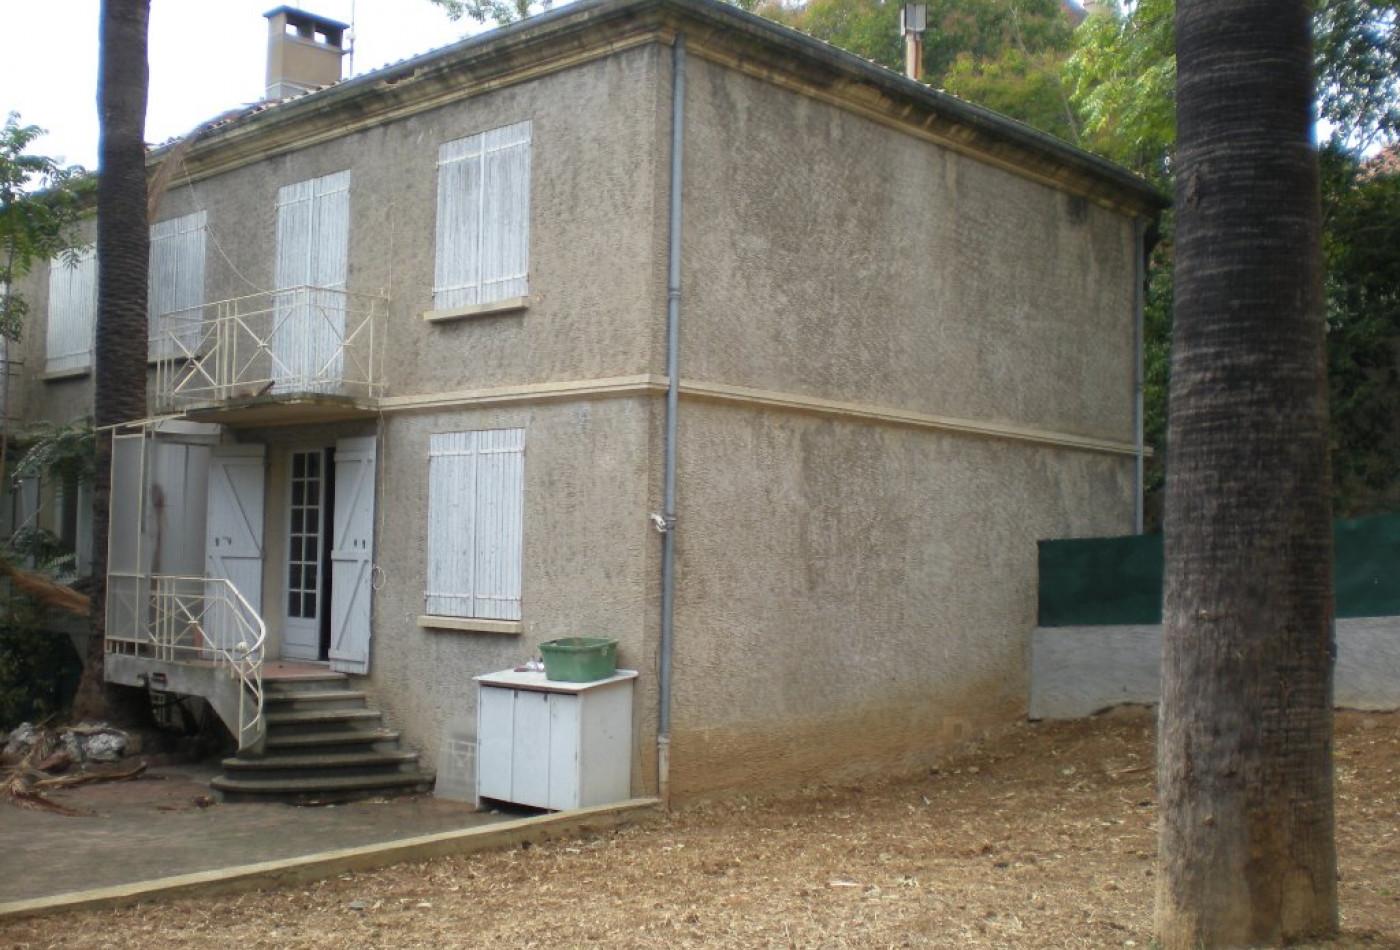 A vendre  Beziers | Réf 343012299 - Agences daure immobilier